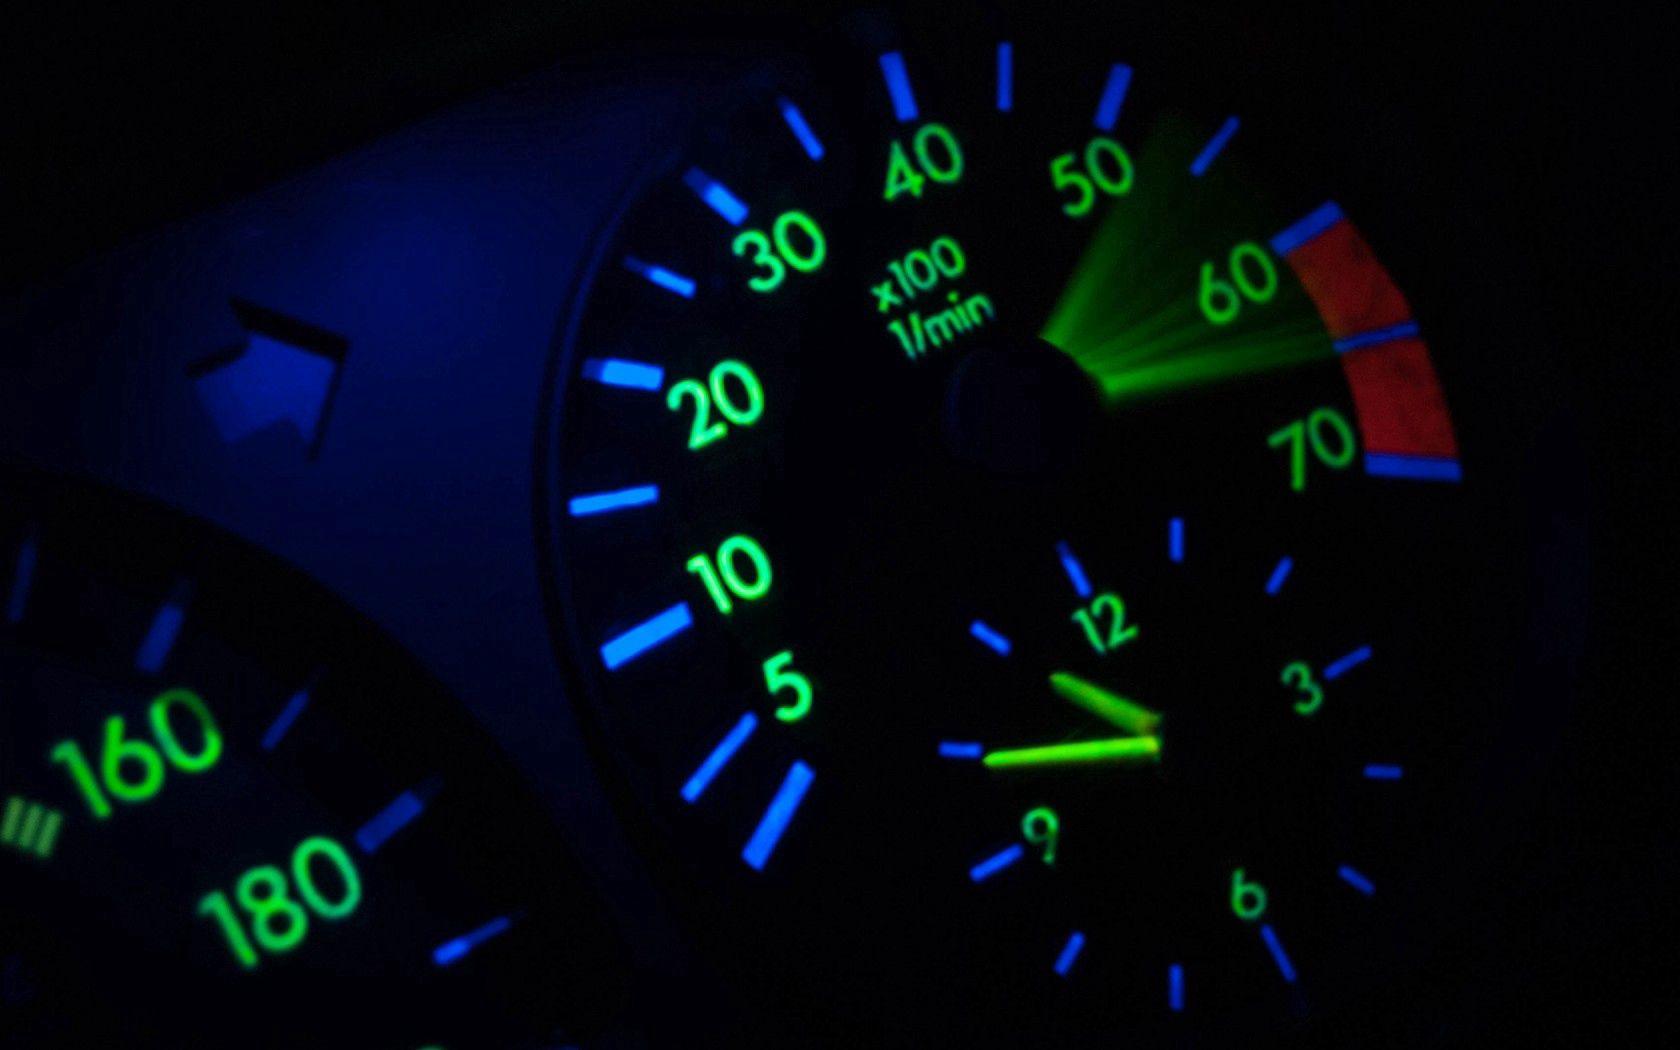 93850 Hintergrundbild herunterladen Mercedes, Dunkel, Mercedes Benz, Mercedes-Benz, Tachometer, Tacho - Bildschirmschoner und Bilder kostenlos